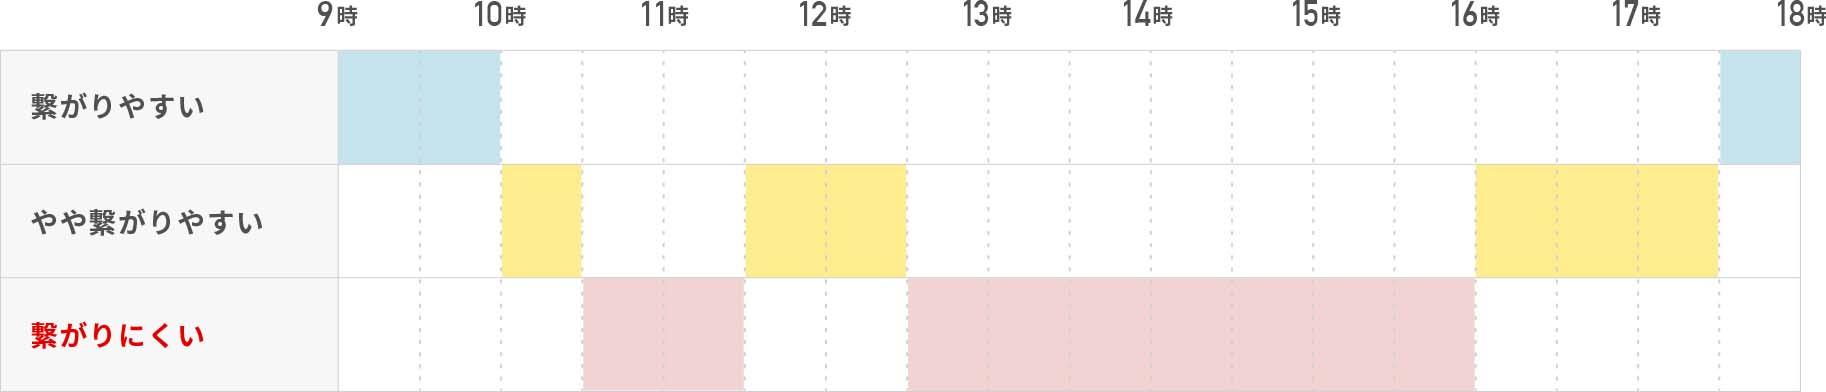 繋がりやすい:9時〜10時、17時30分〜18時/やや繋がりやすい:10時〜10時30分、11時30分〜12時30分、16時〜17時30分/繋がりにくい:10時30分〜11時30分、12時30分〜16時